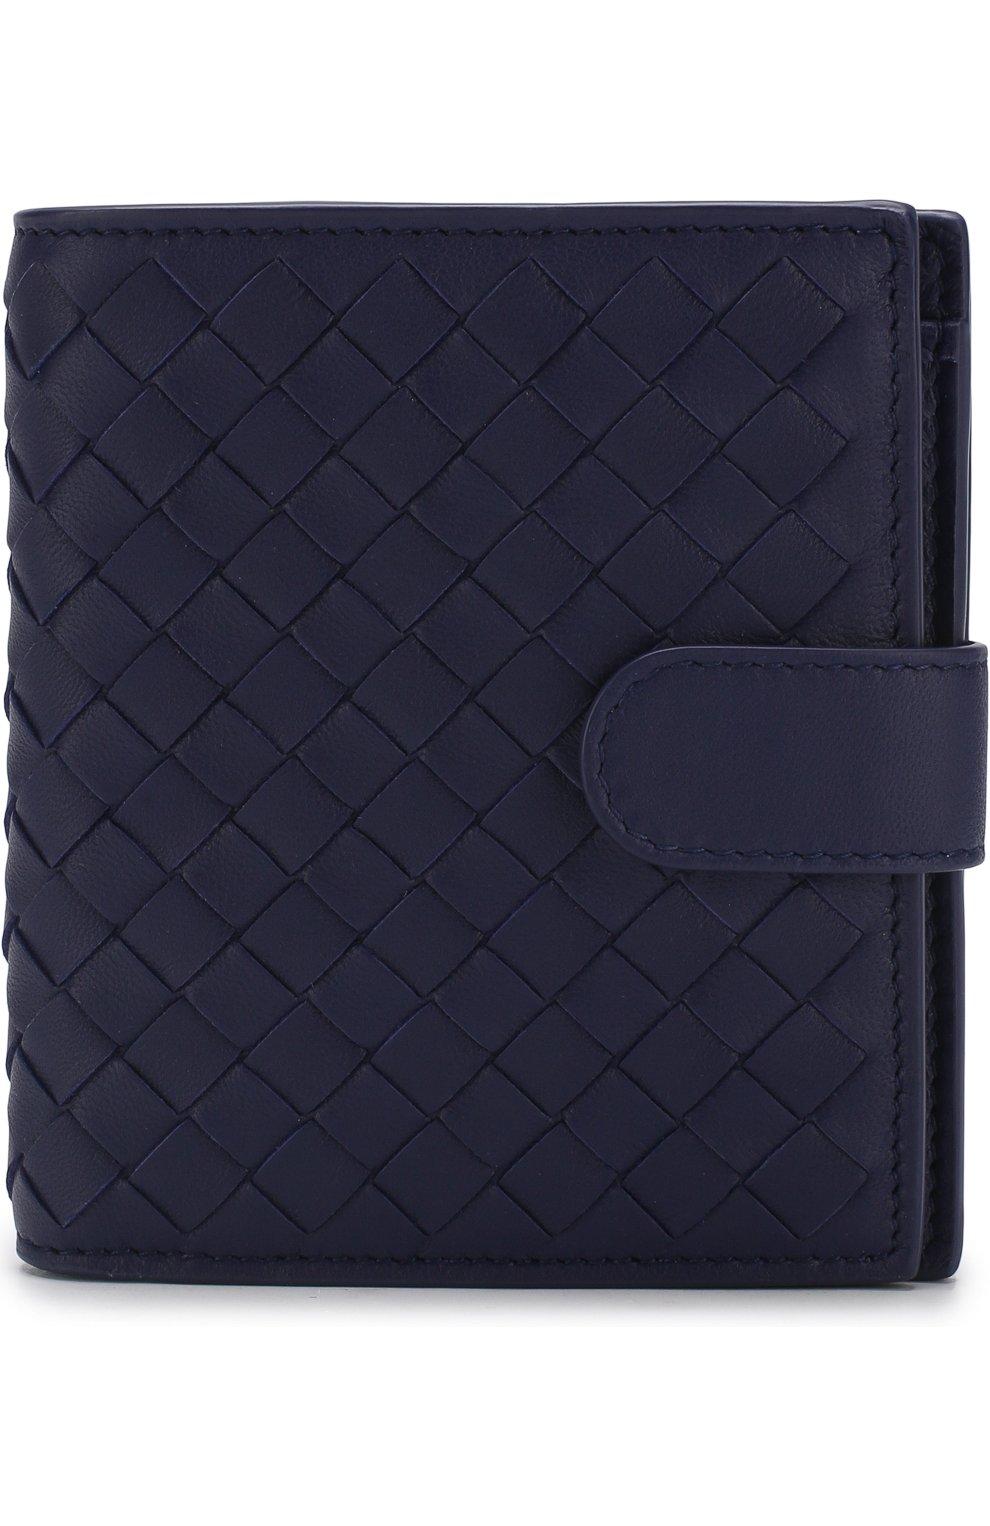 Кожаный кошелек с плетением intrecciato Bottega Veneta синего цвета | Фото №1